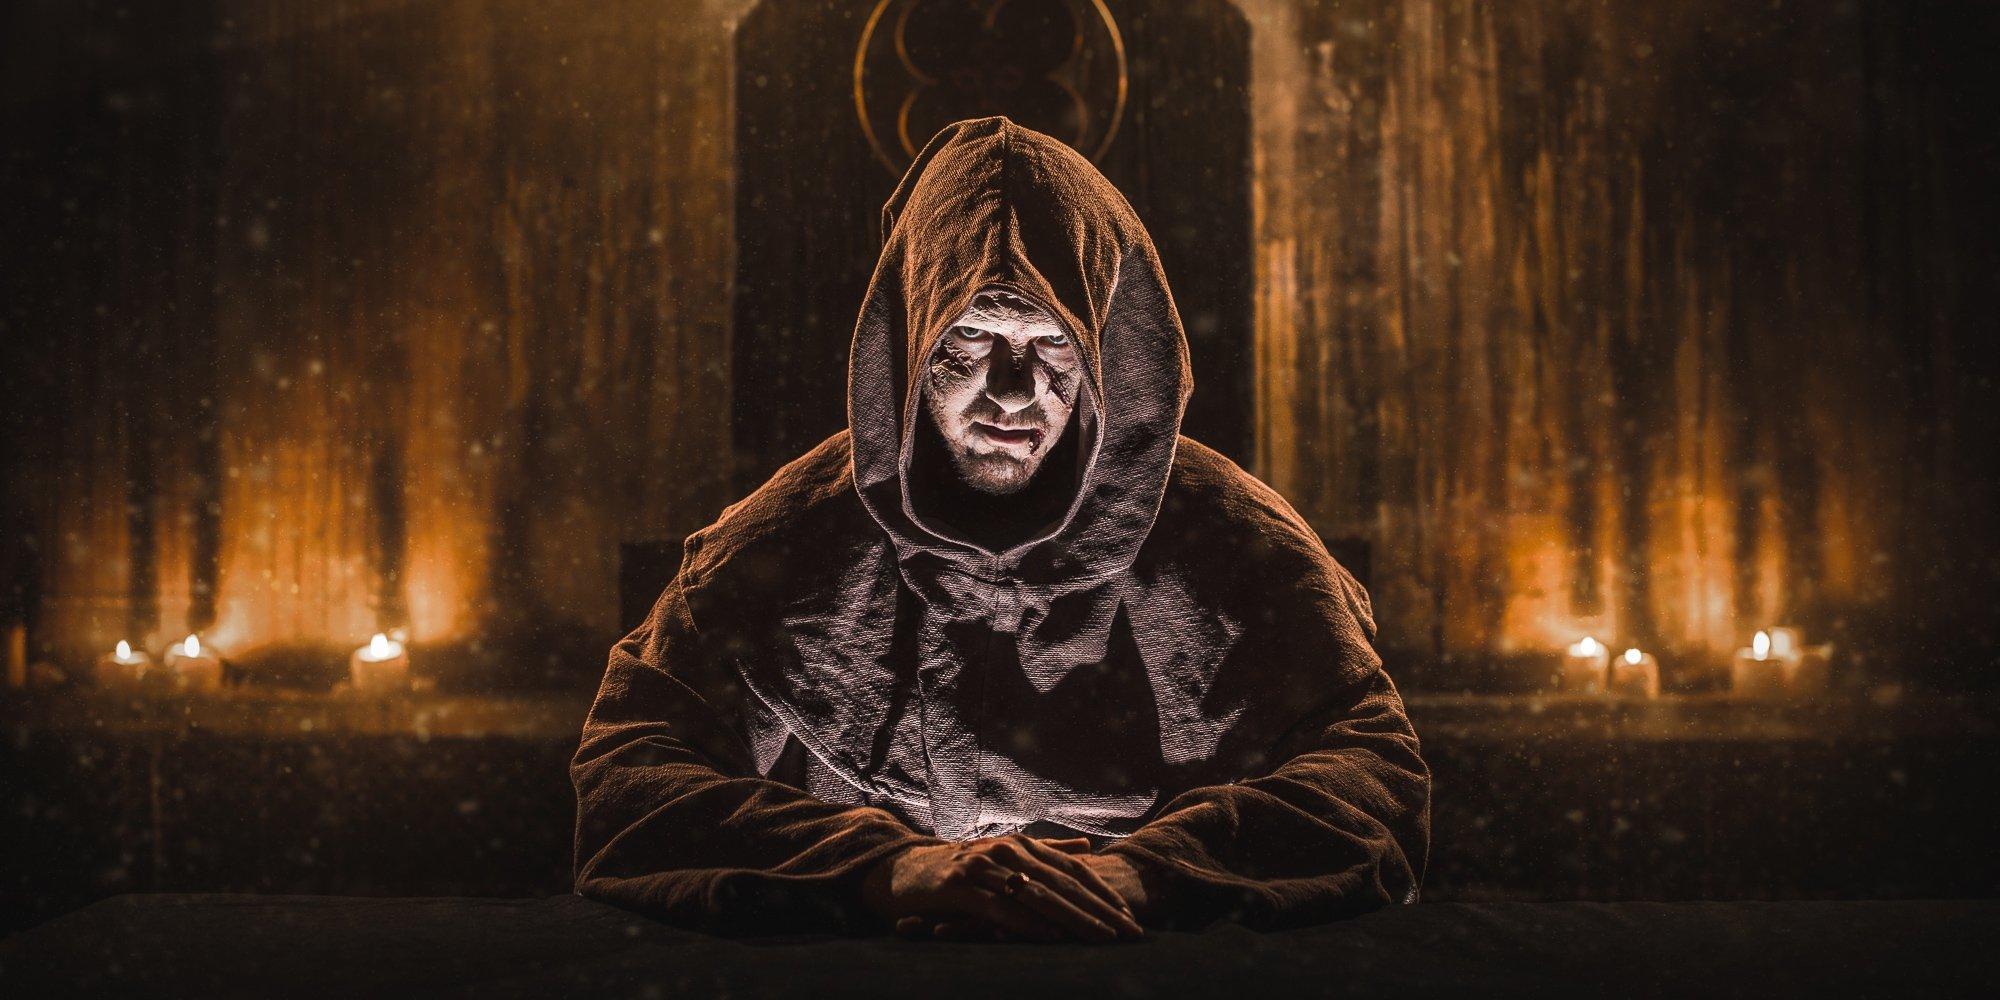 Фотография квеста «Cursed monastery»